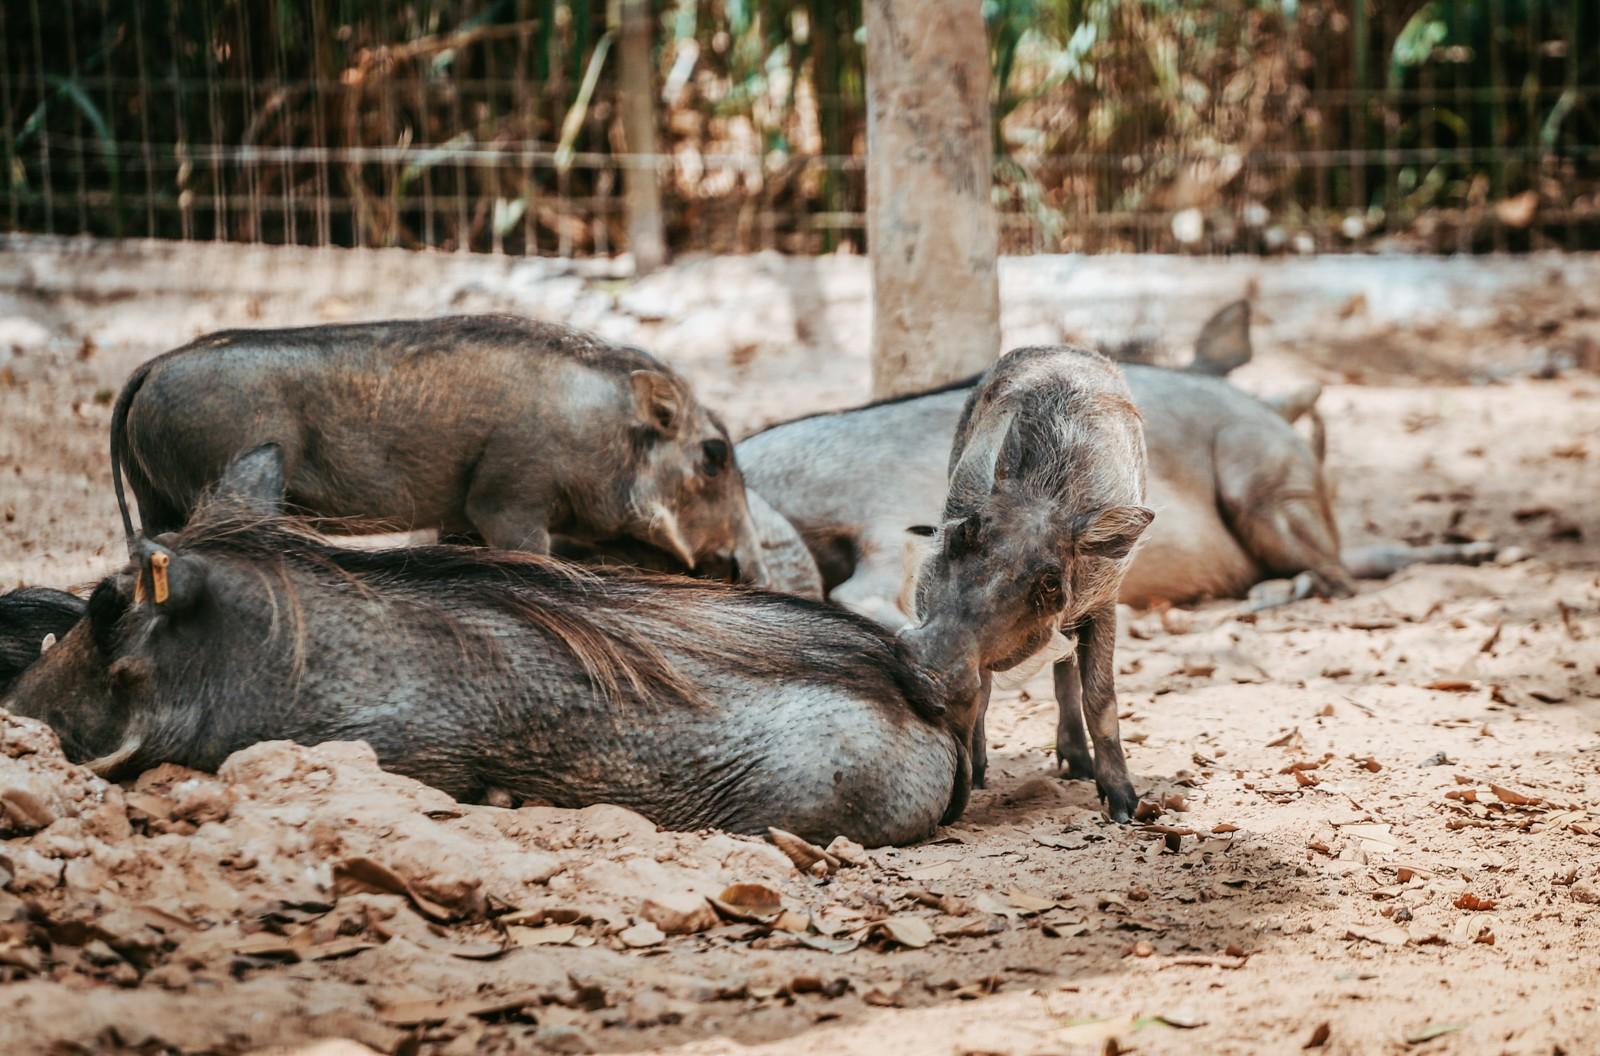 Ngắm những cặp mẹ con thú hoang dã đáng yêu ở Vinpearl Safari Phú Quốc - Ảnh 6.